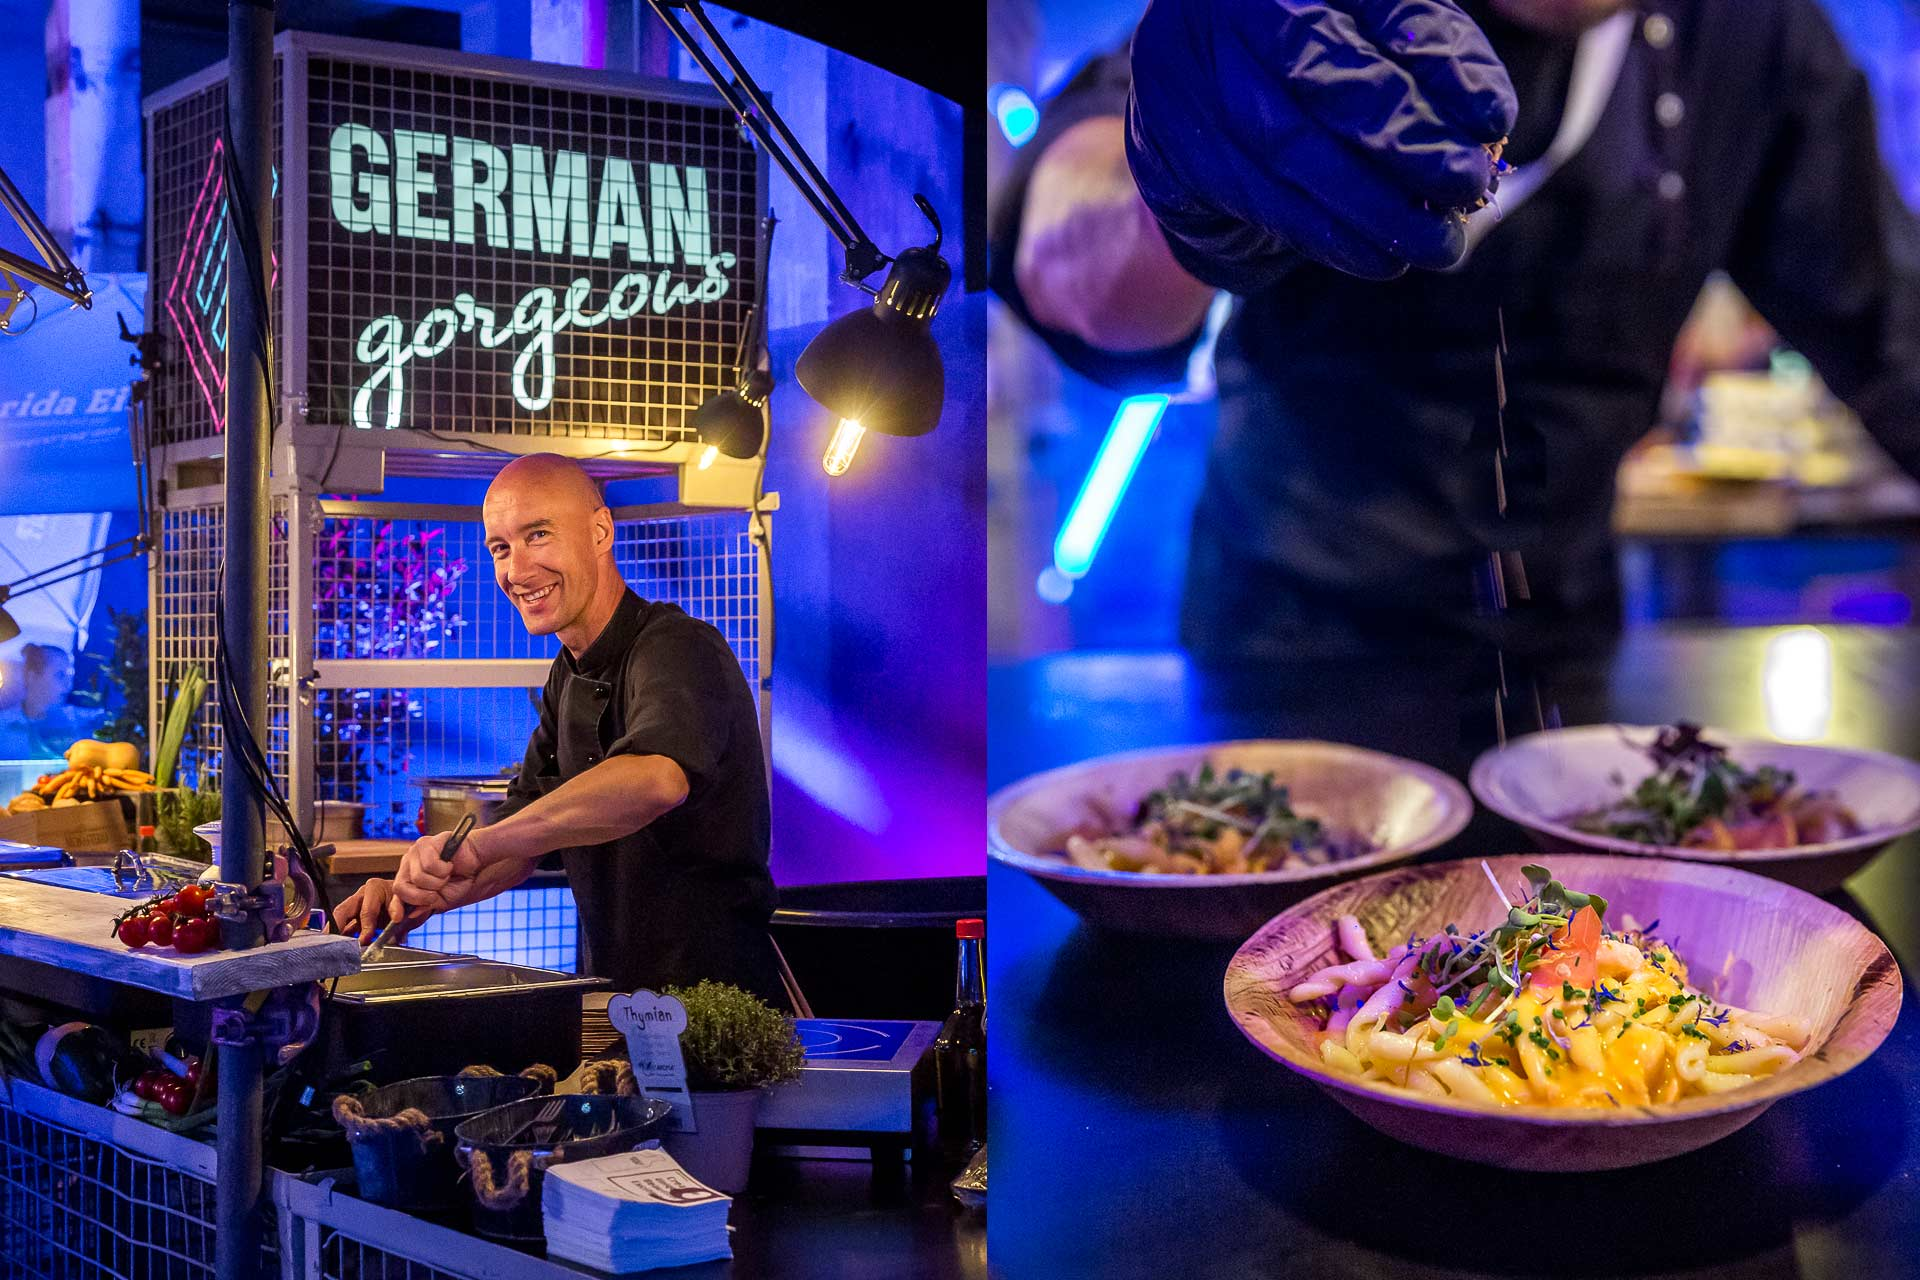 eventfotografin-berlin-event-horizon-cooking